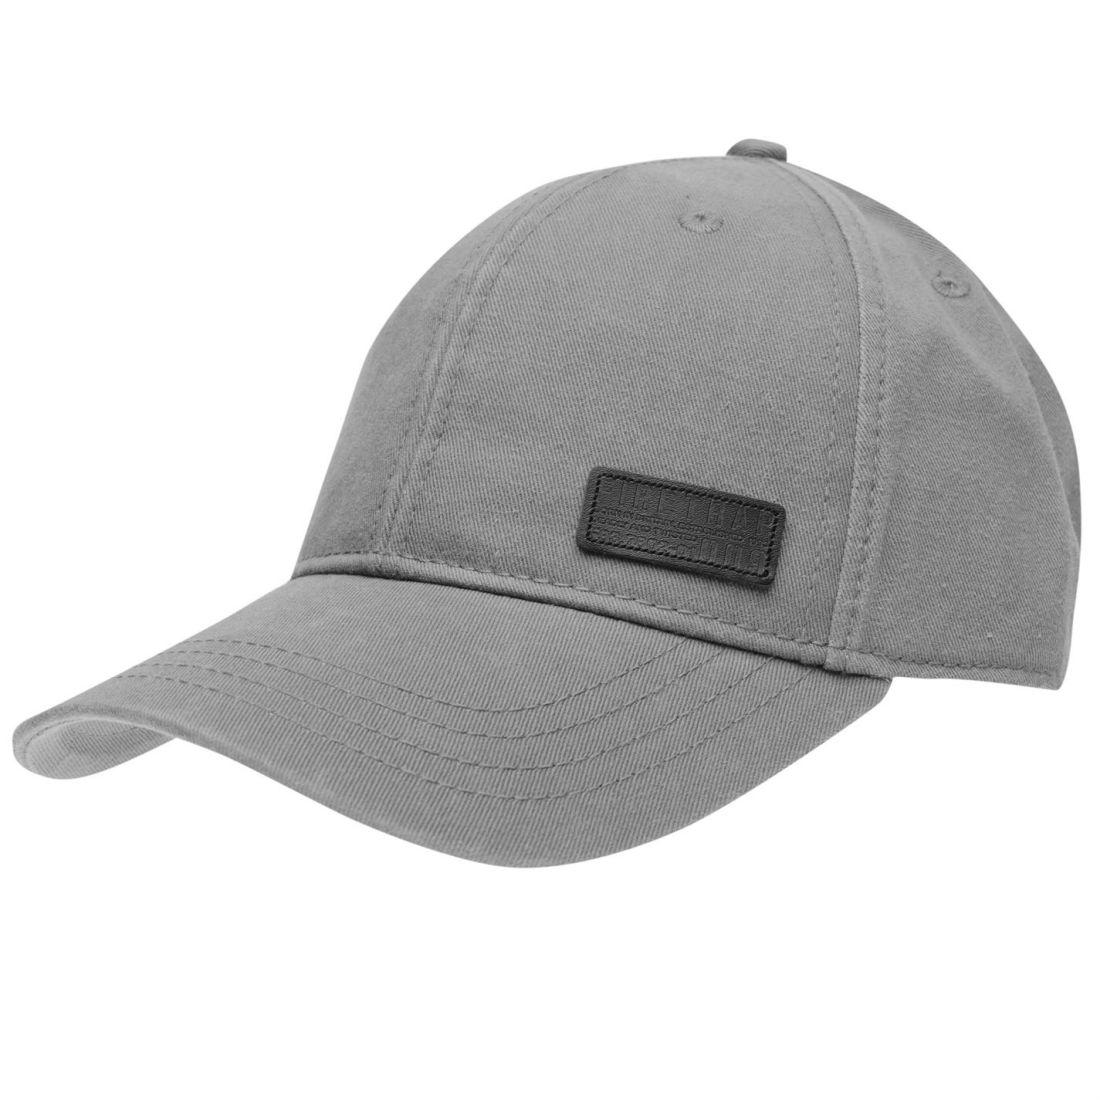 Mens-Firetrap-Canvas-Cap-Baseball-Lightweight-New